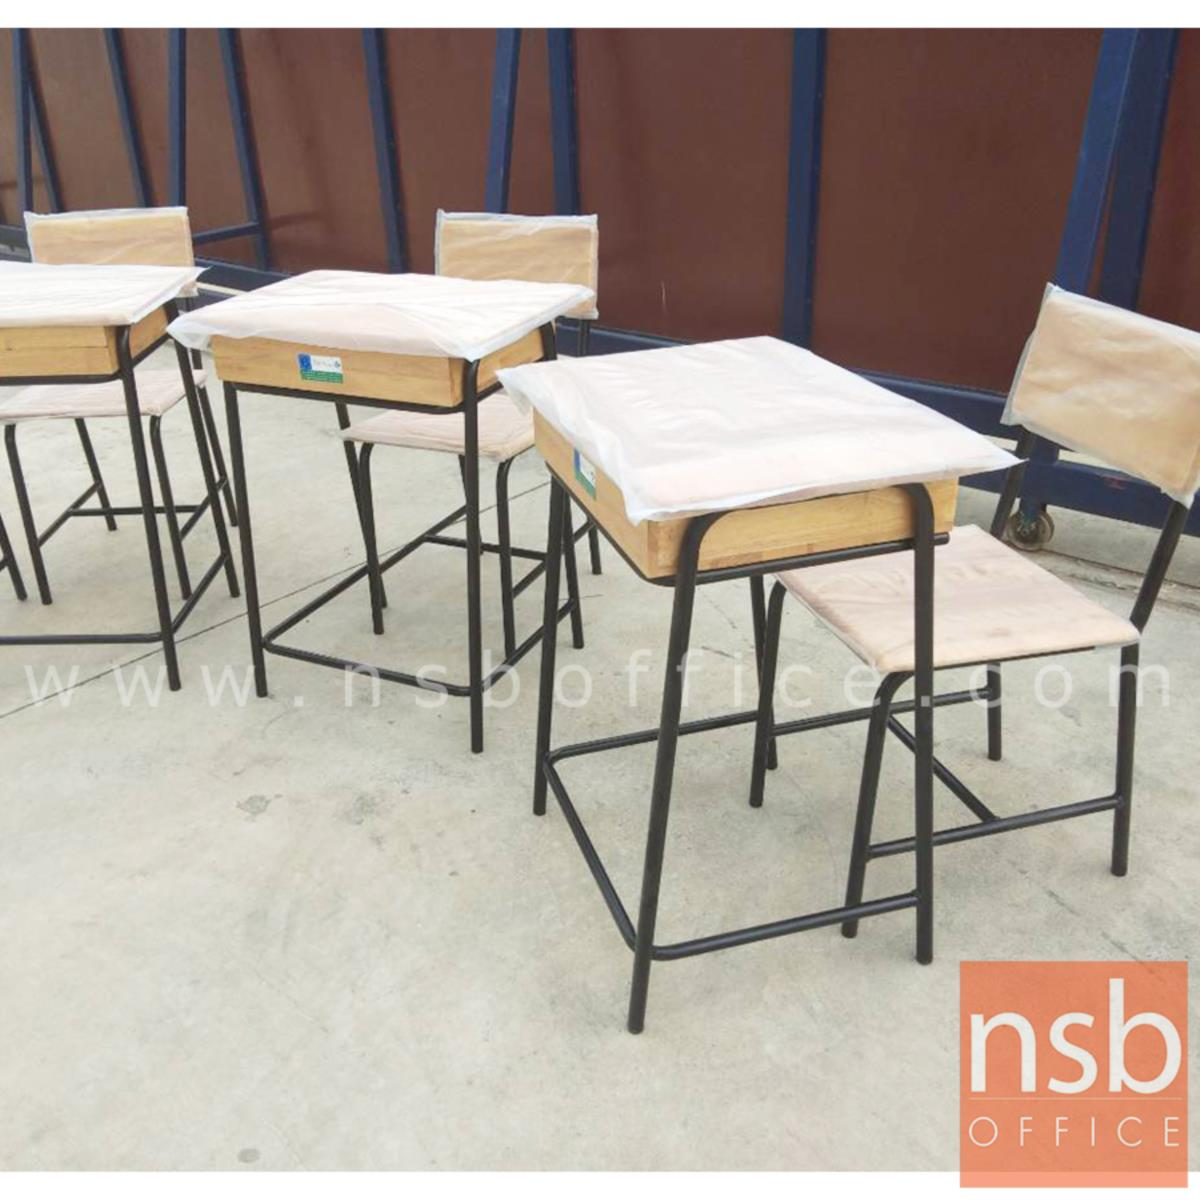 A17A032:ชุดโต๊ะและเก้าอี้นักเรียน มอก. รุ่น GEORGIA (จอร์เจีย)  ขาสีดำ ระดับประถมศึกษา